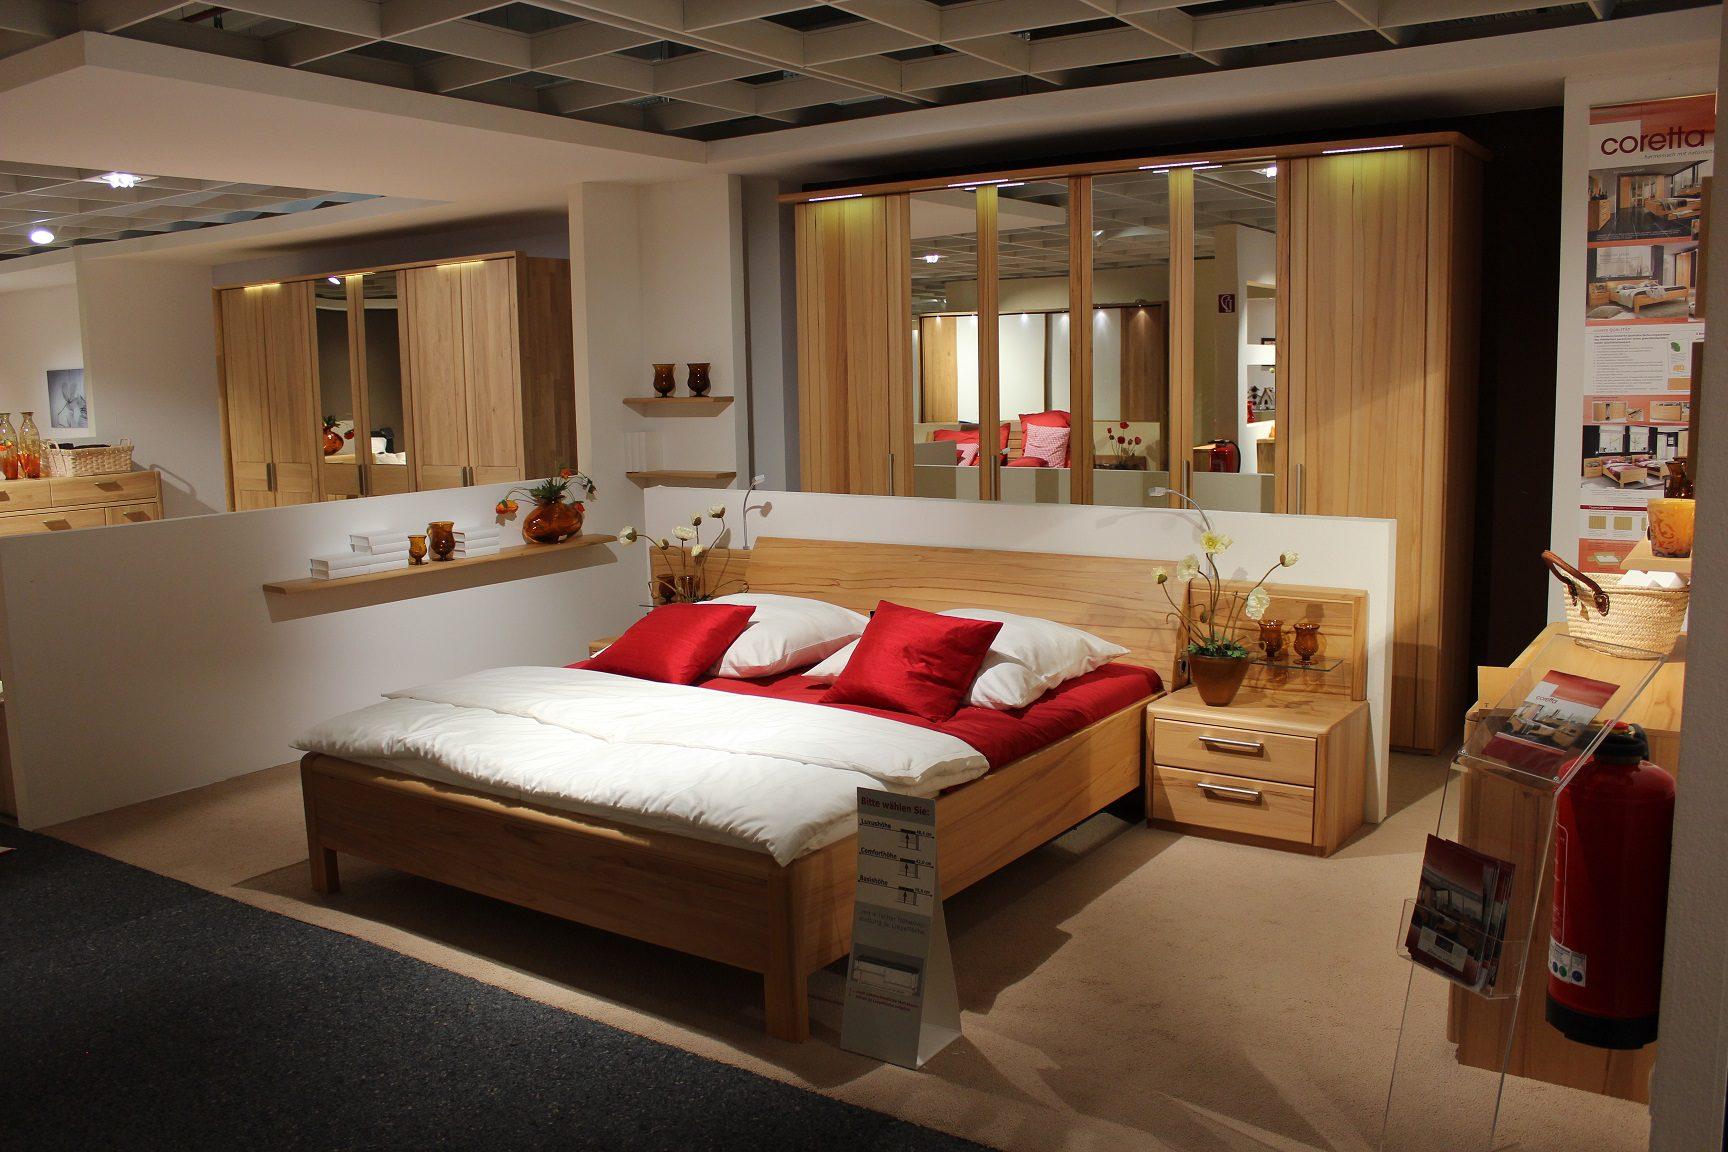 Schlafzimmer Kernbuche | Schlafzimmer Losone Buche Massivholzbett ...